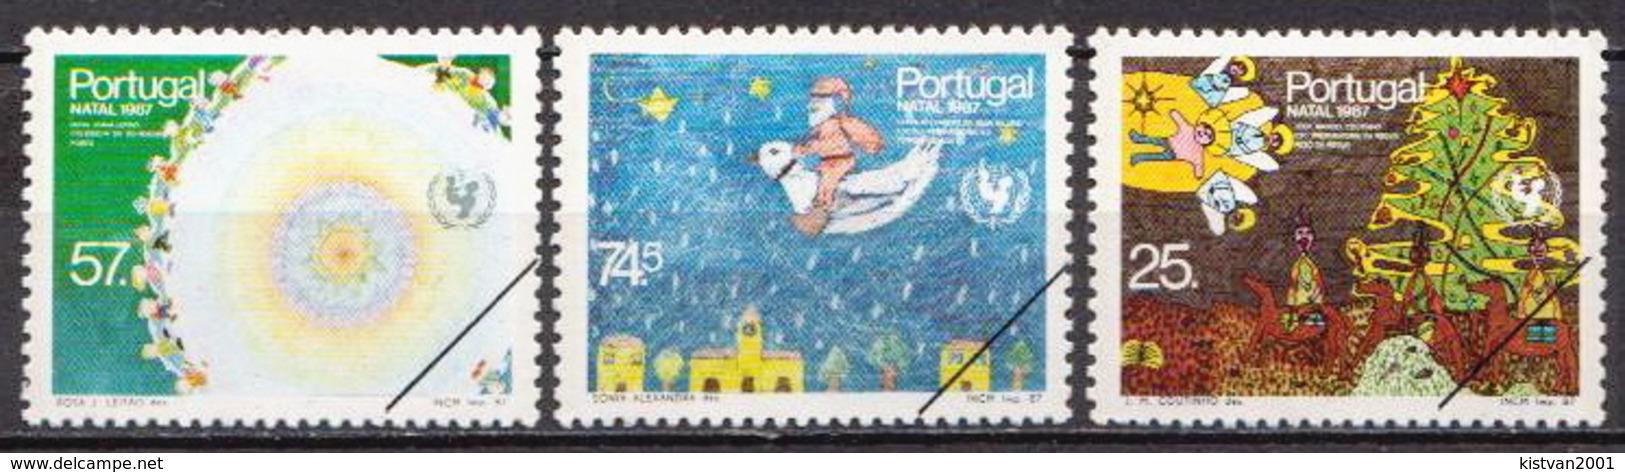 Portugal Specimen Set - Childhood & Youth